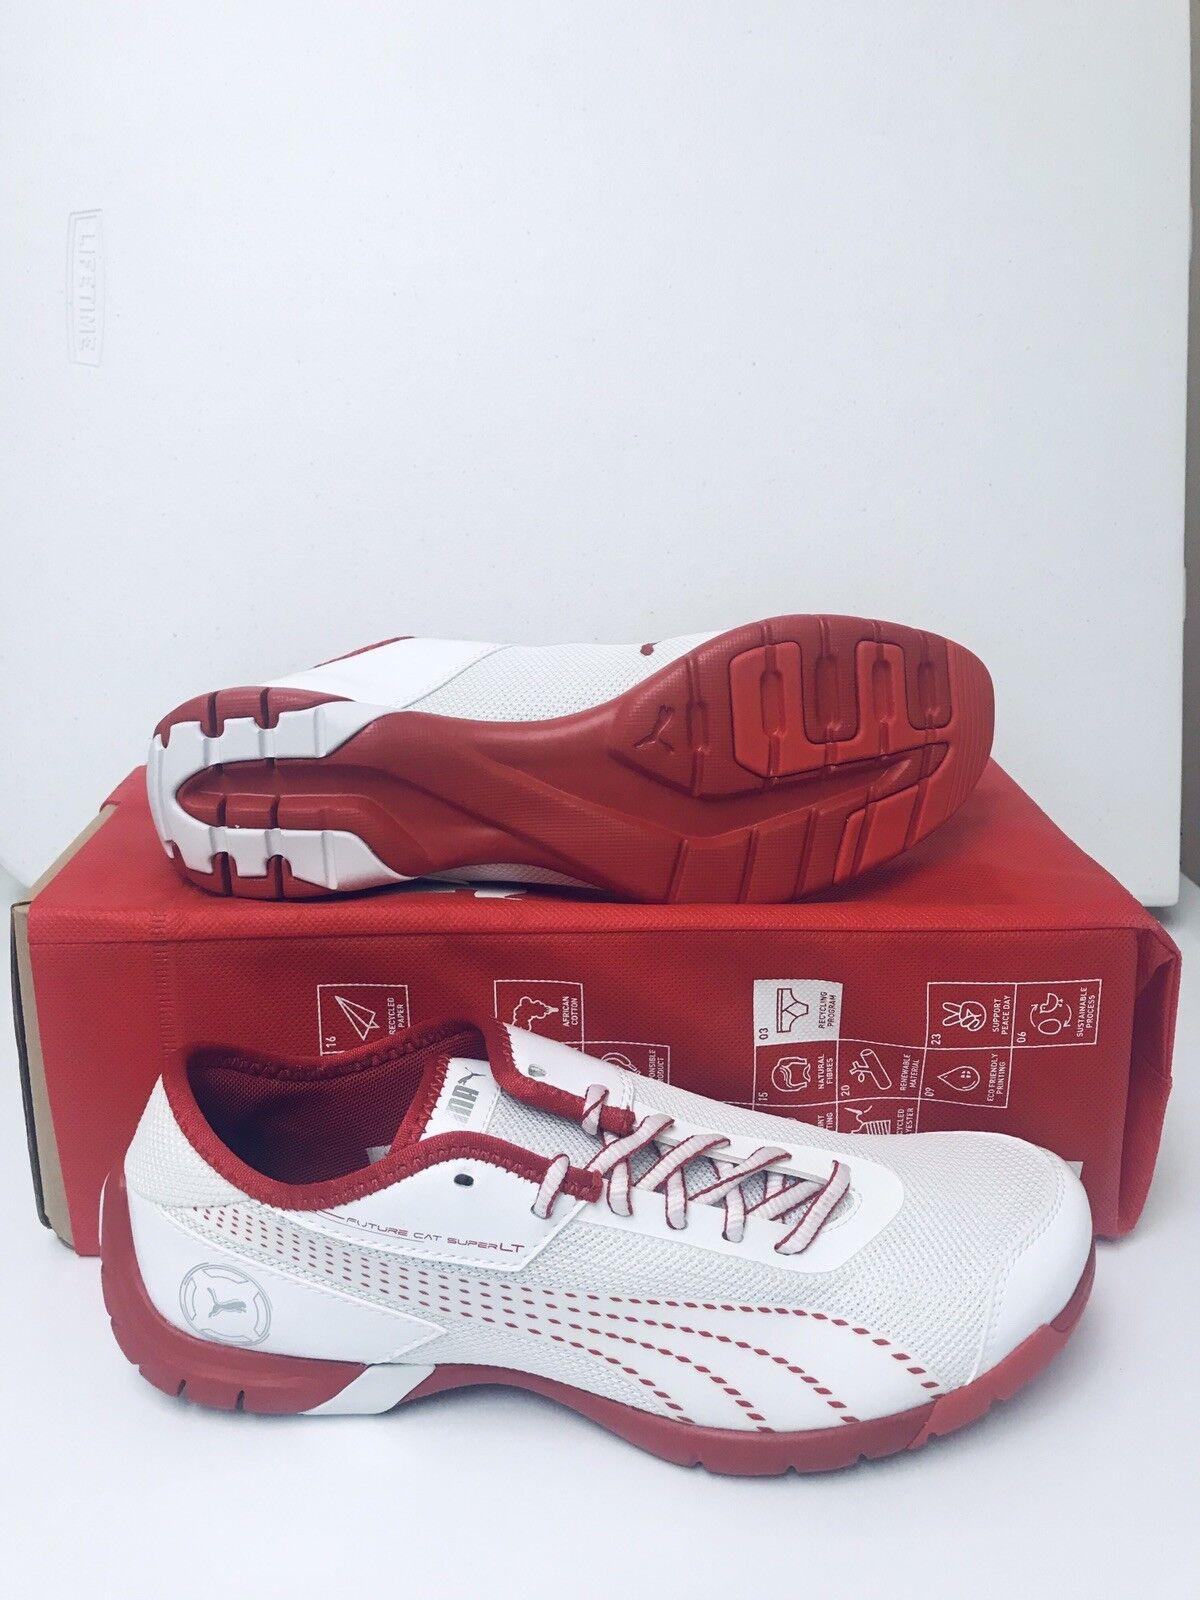 PUMA FUTURE CAT SUPER LT    Uomo scarpe bianca-Flame Scarlet Dimensione 10 6d2e78